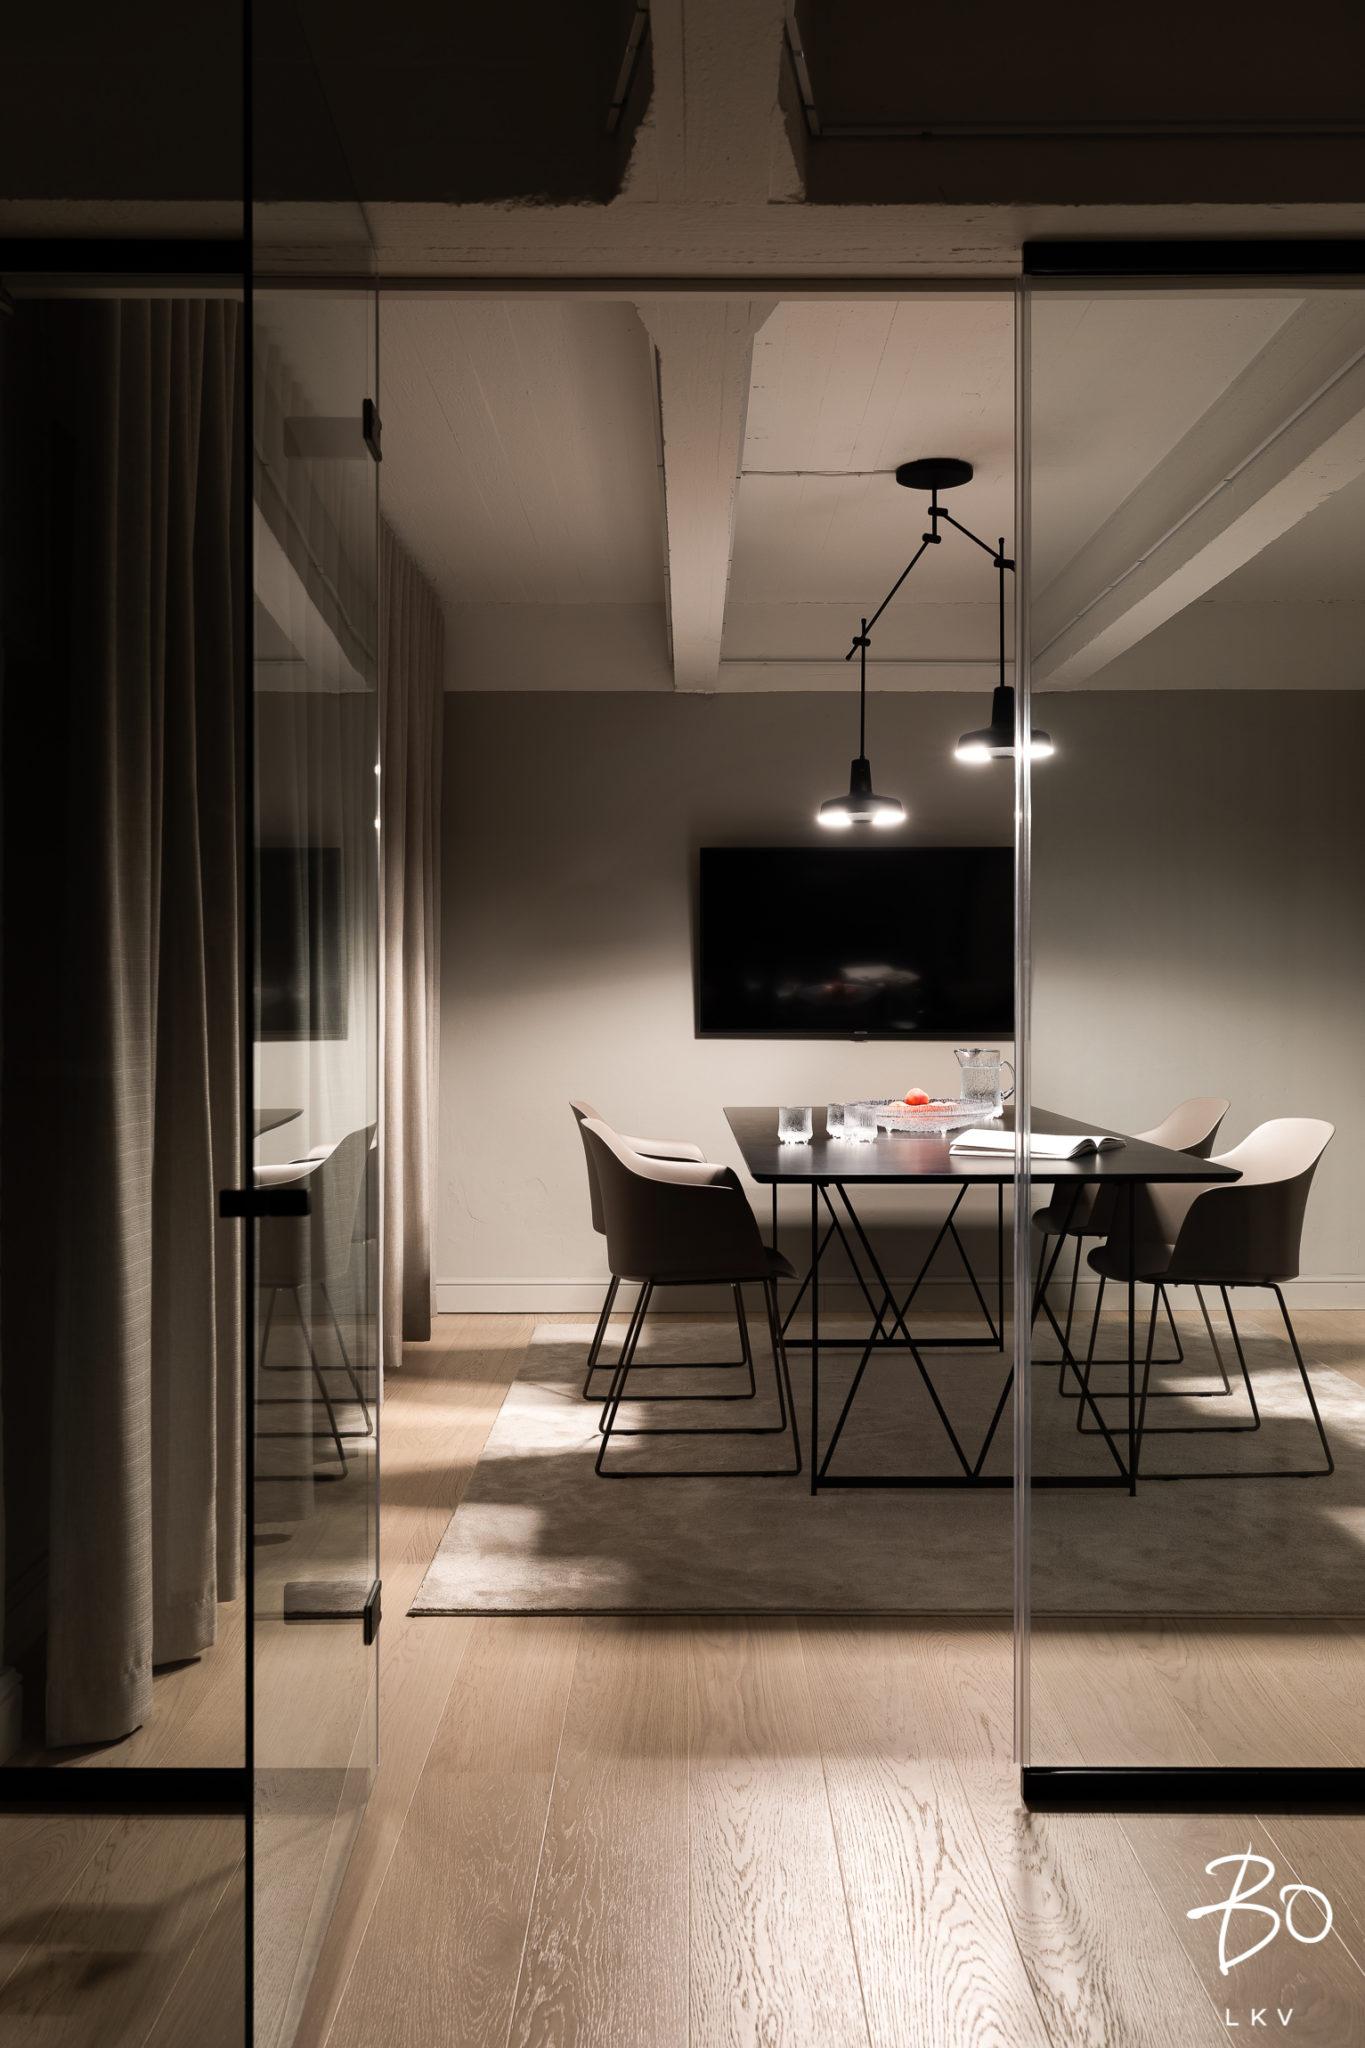 toimisto-sisustus-neuvottelutila-bolkv